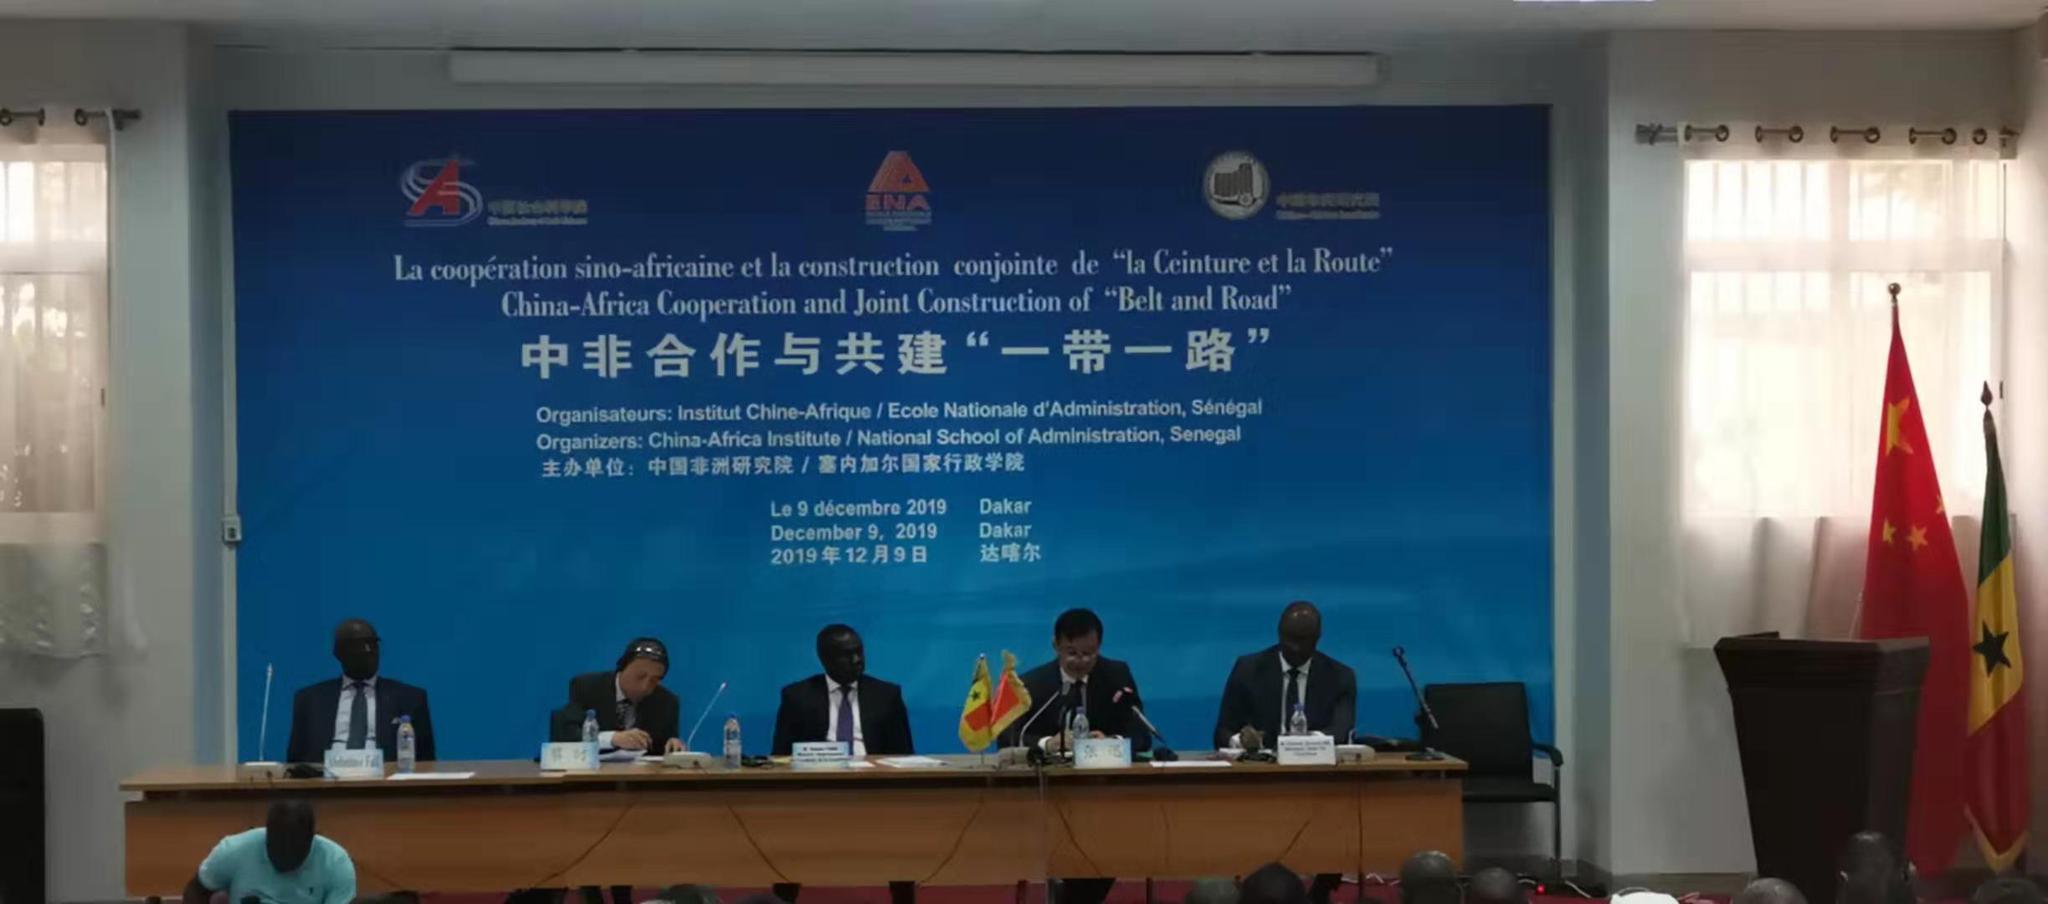 """""""中非合作与共建'一带一路'""""国际研讨会在塞内加尔举行"""